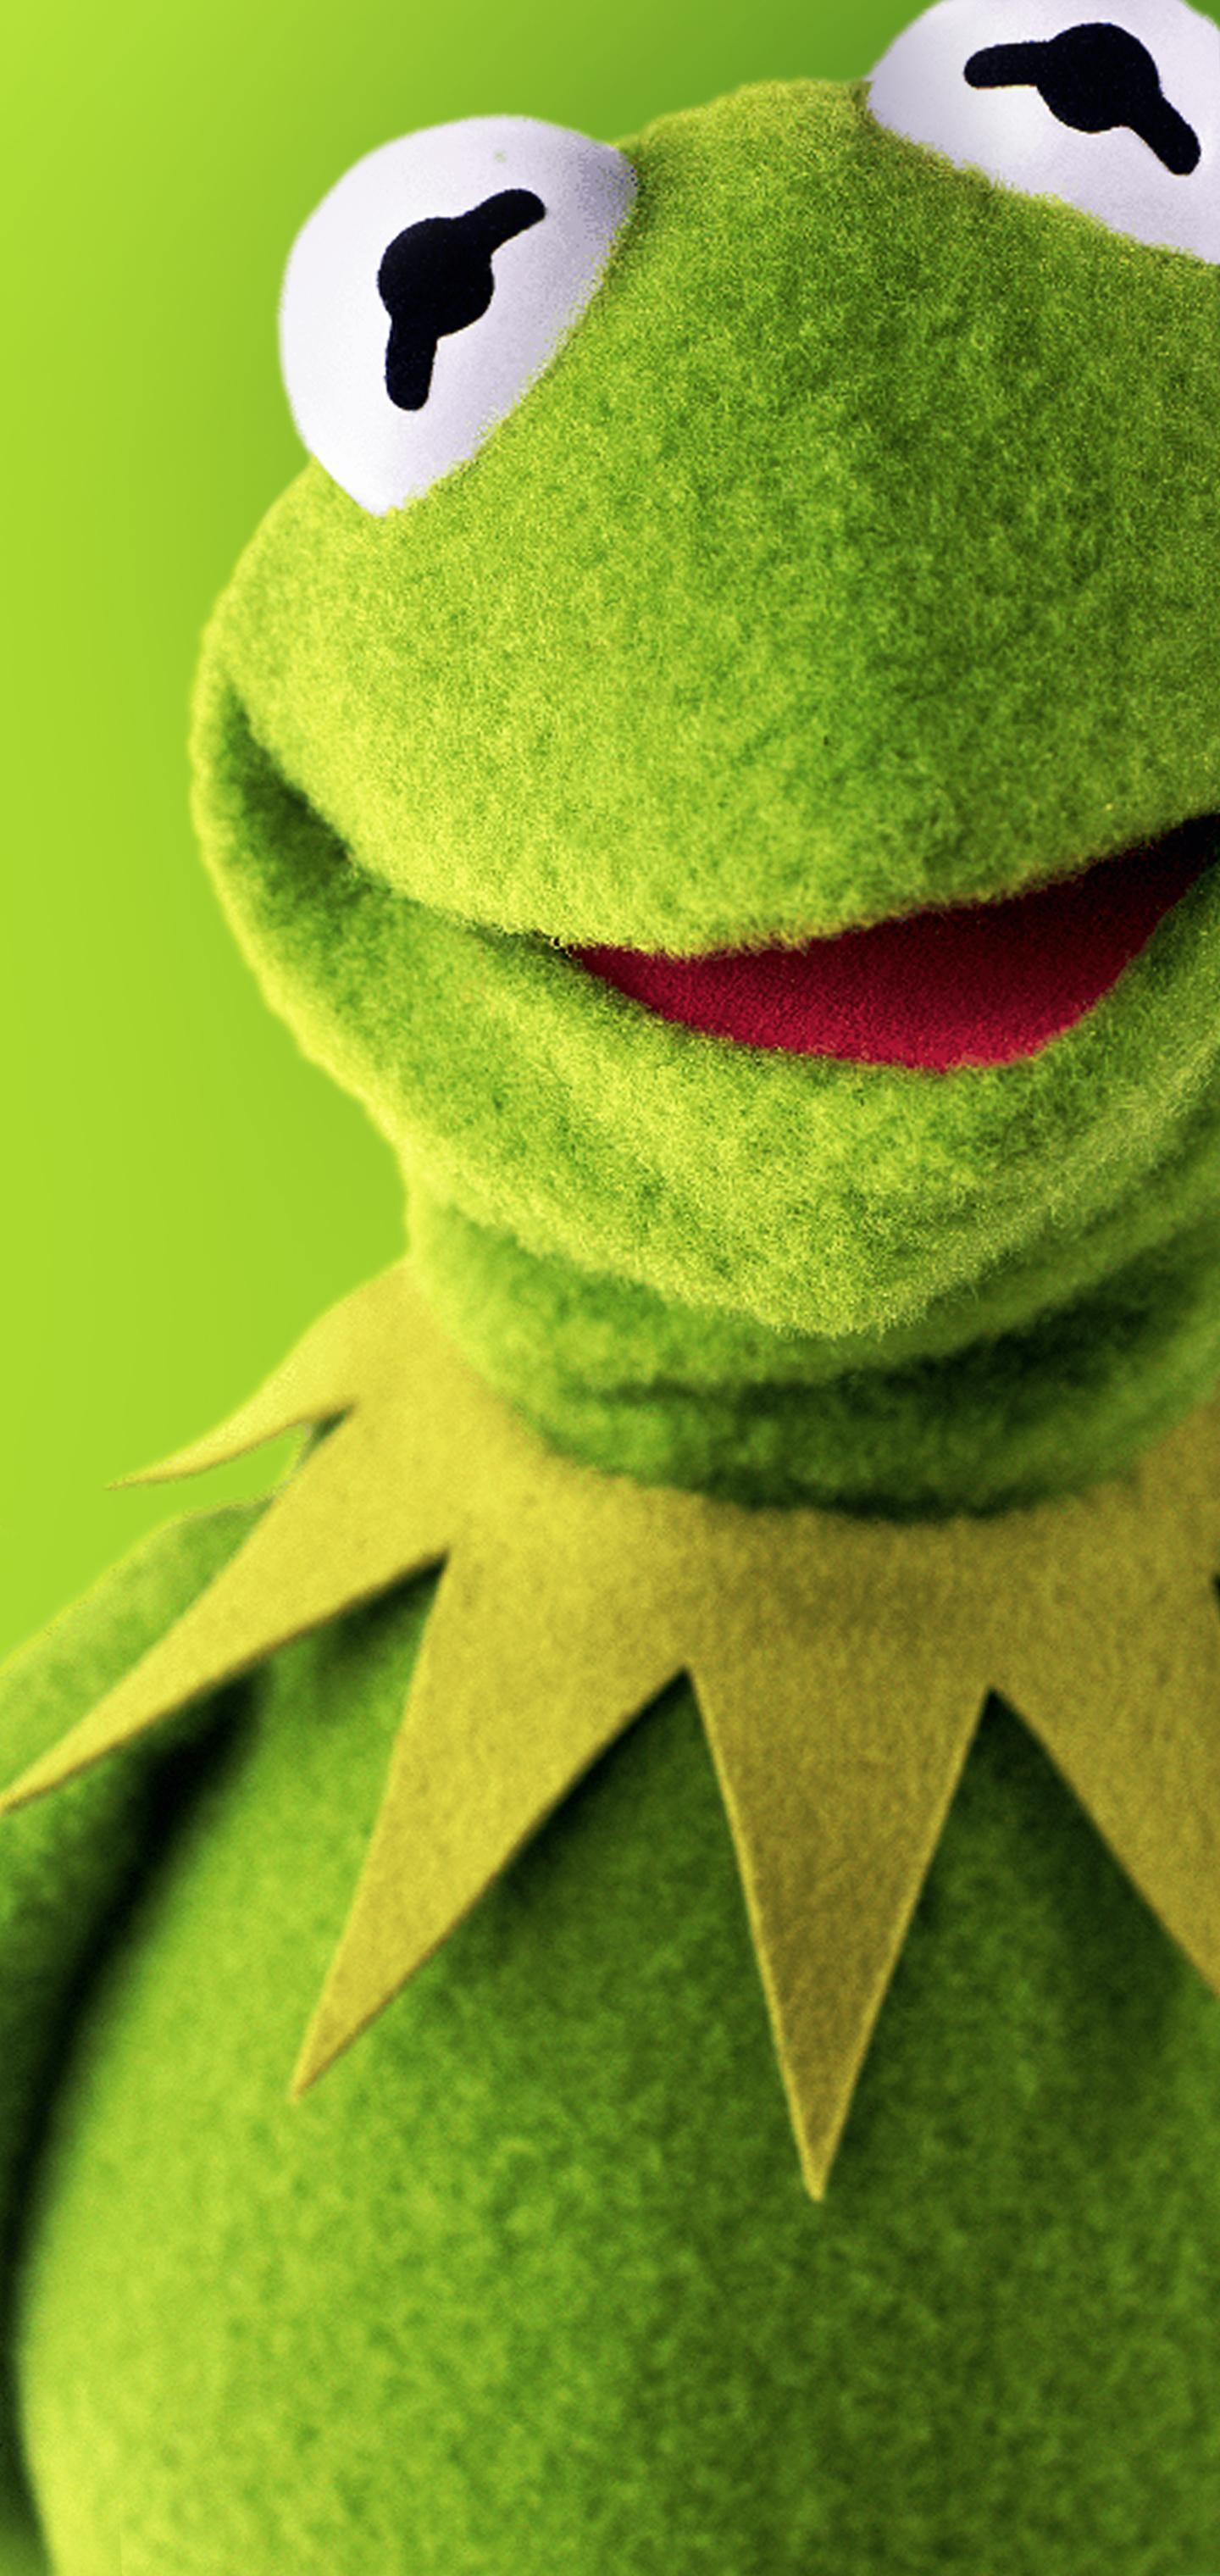 Kermit Wallpapers Top Free Kermit Backgrounds